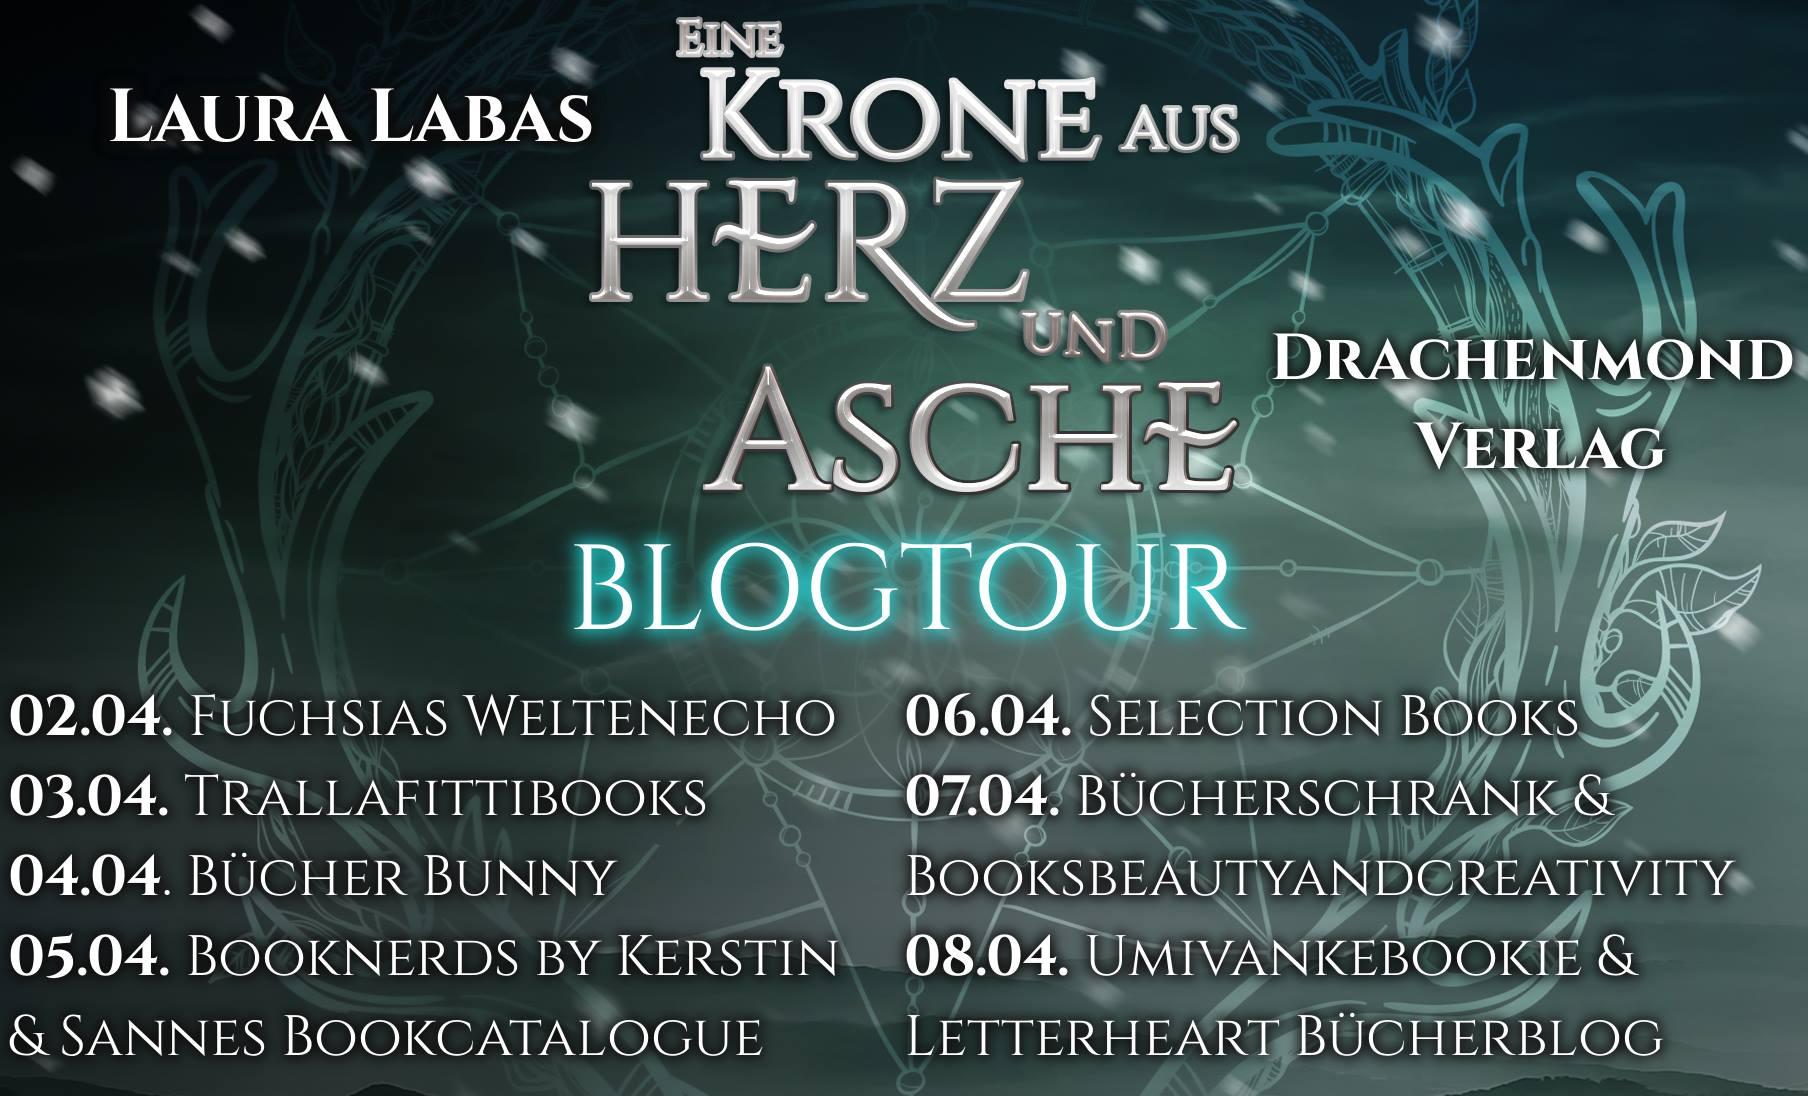 [Blogtour] Eine Krone aus Herz und Asche / Laura Labas | 5 Gründe zum Buch zu greifen